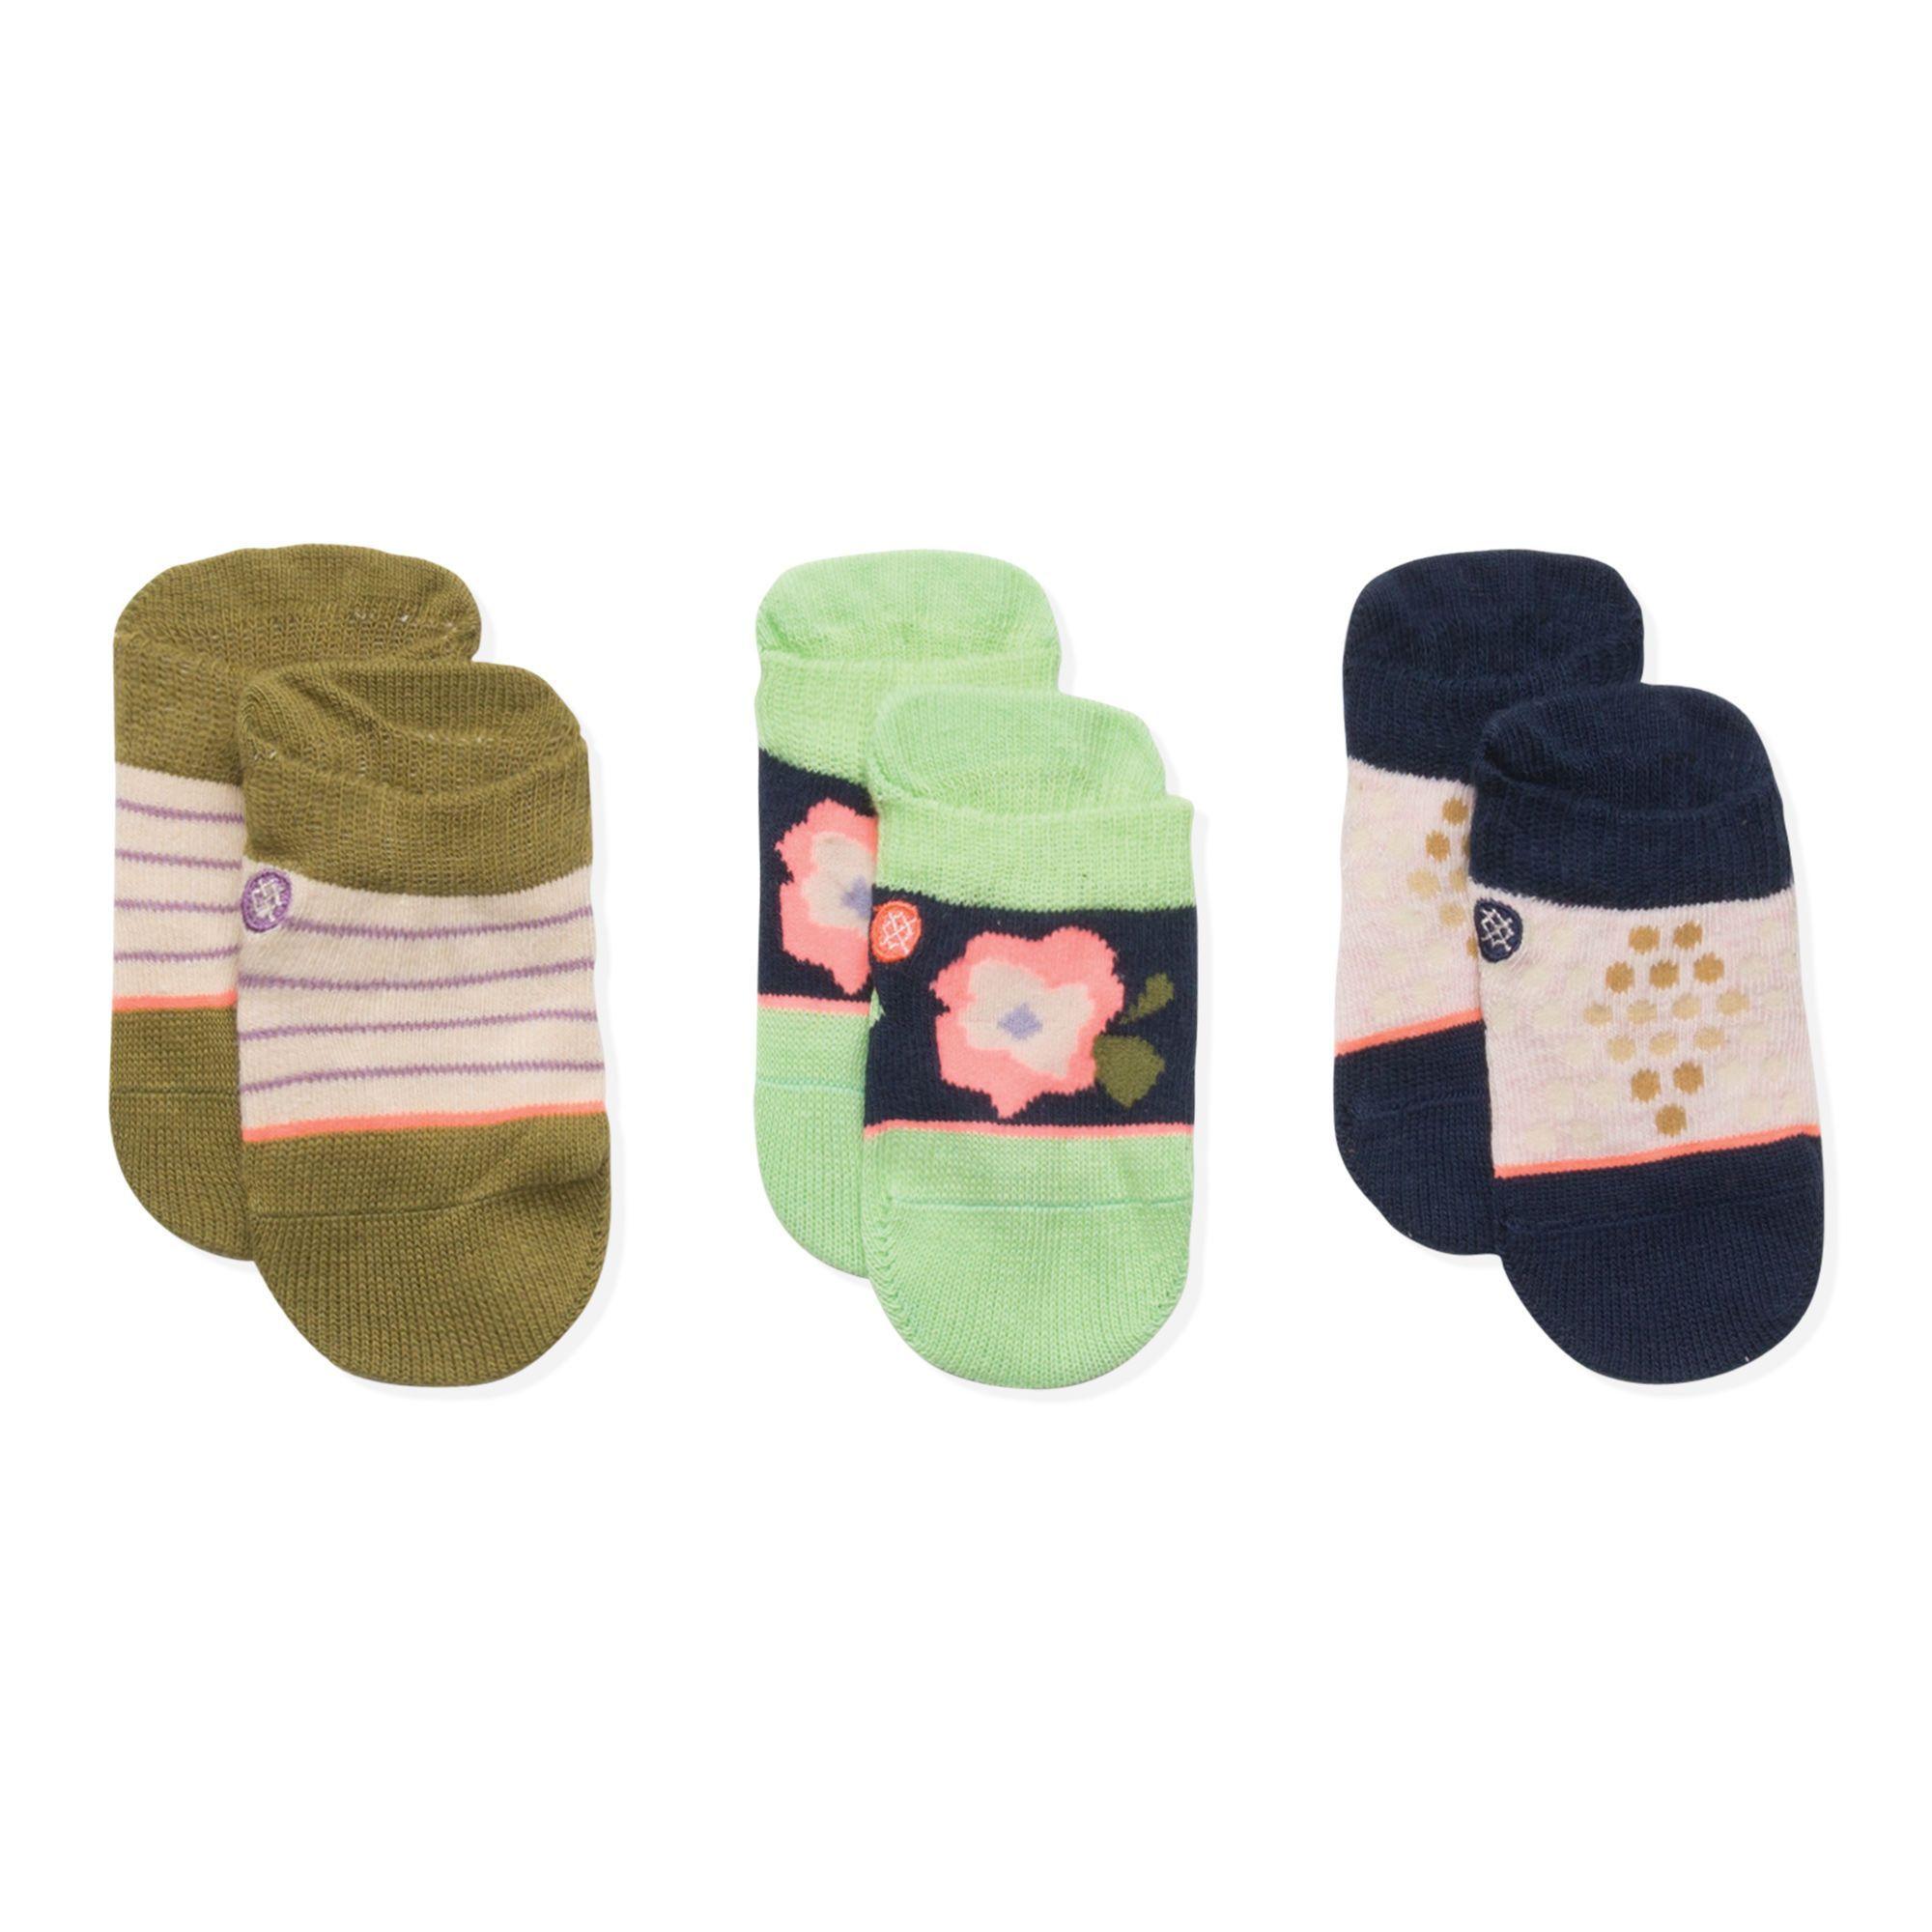 Stance X Freshly Picked Socks Box Set Baby Girls